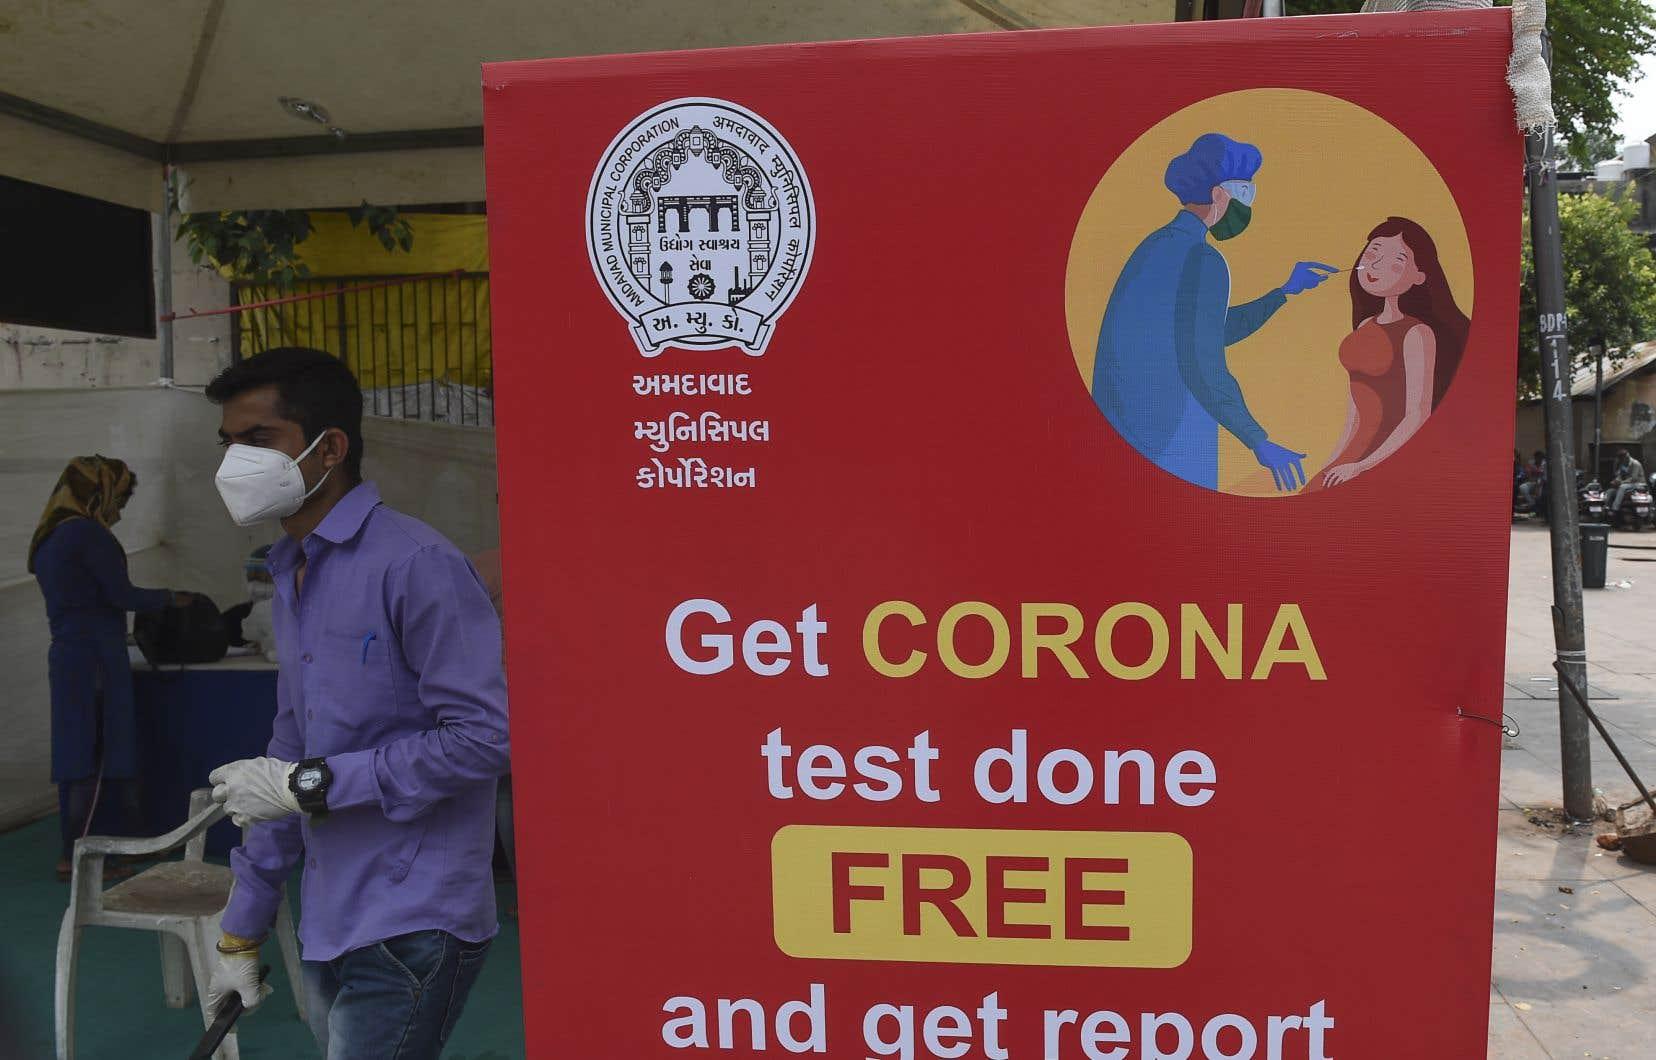 L'Inde, où de 80000 à 90000 nouvelles infections sont recensées chaque jour, a dépassé lundi les six millions de cas officiellement répertoriés, a annoncé le ministère indien de la Santé.